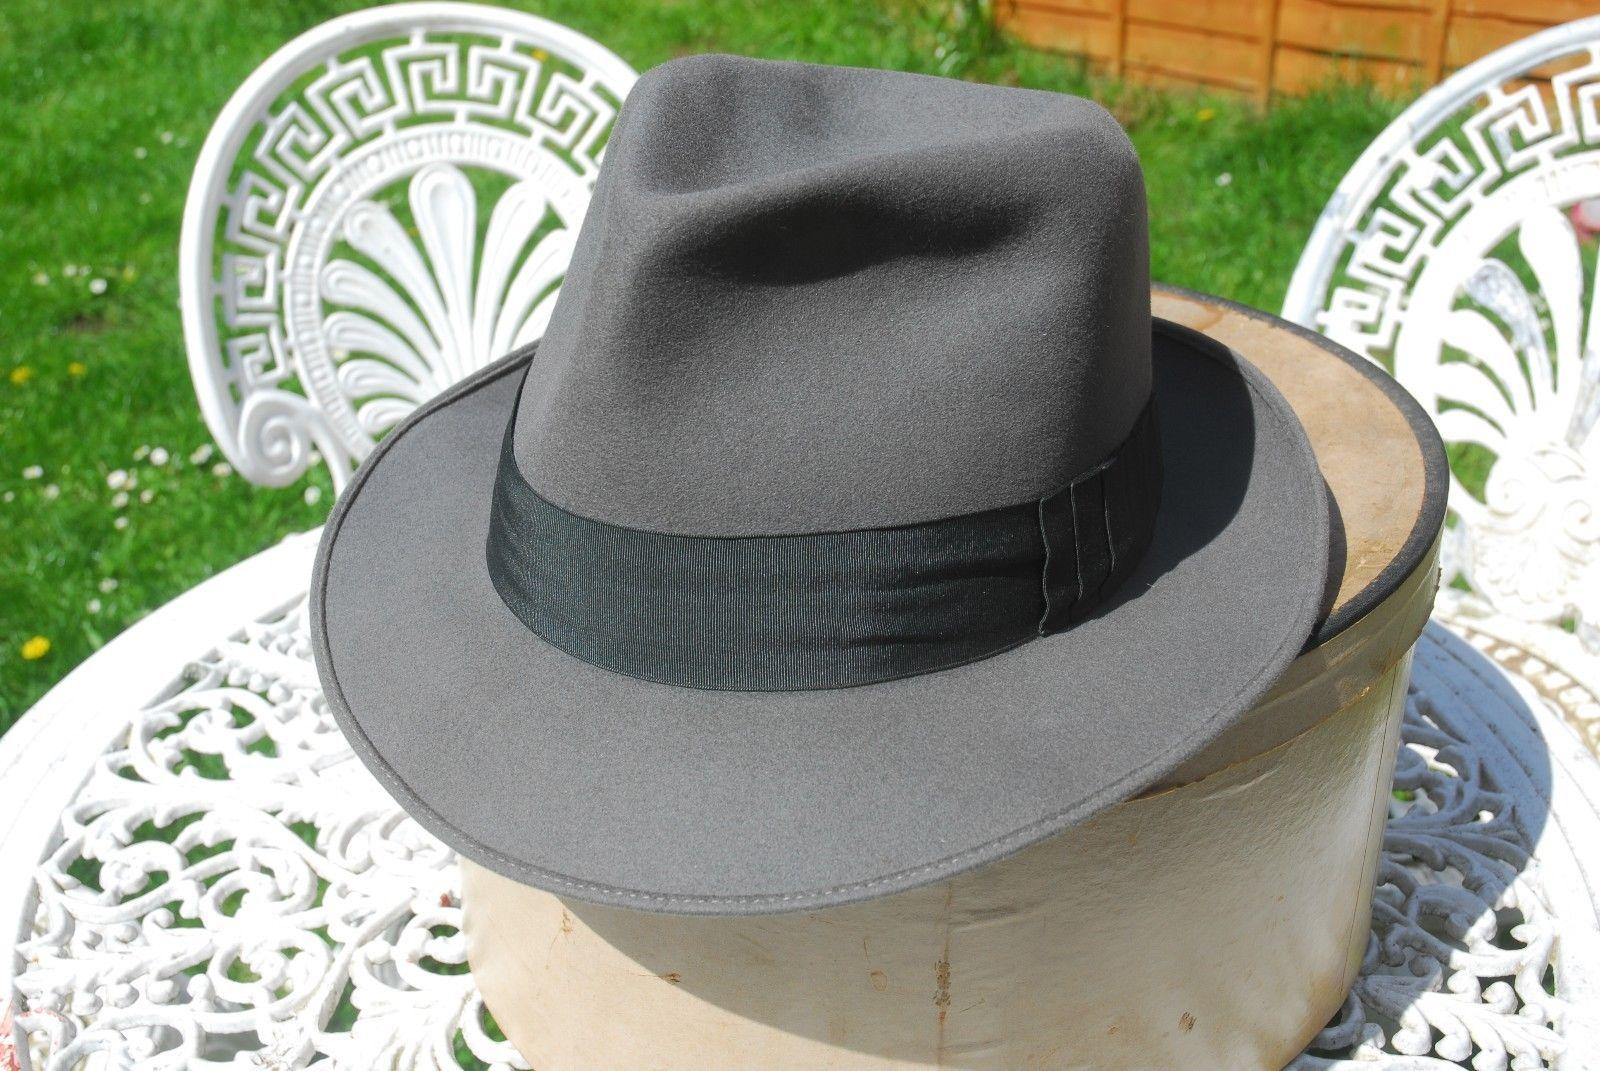 ebay_hat_2.jpg